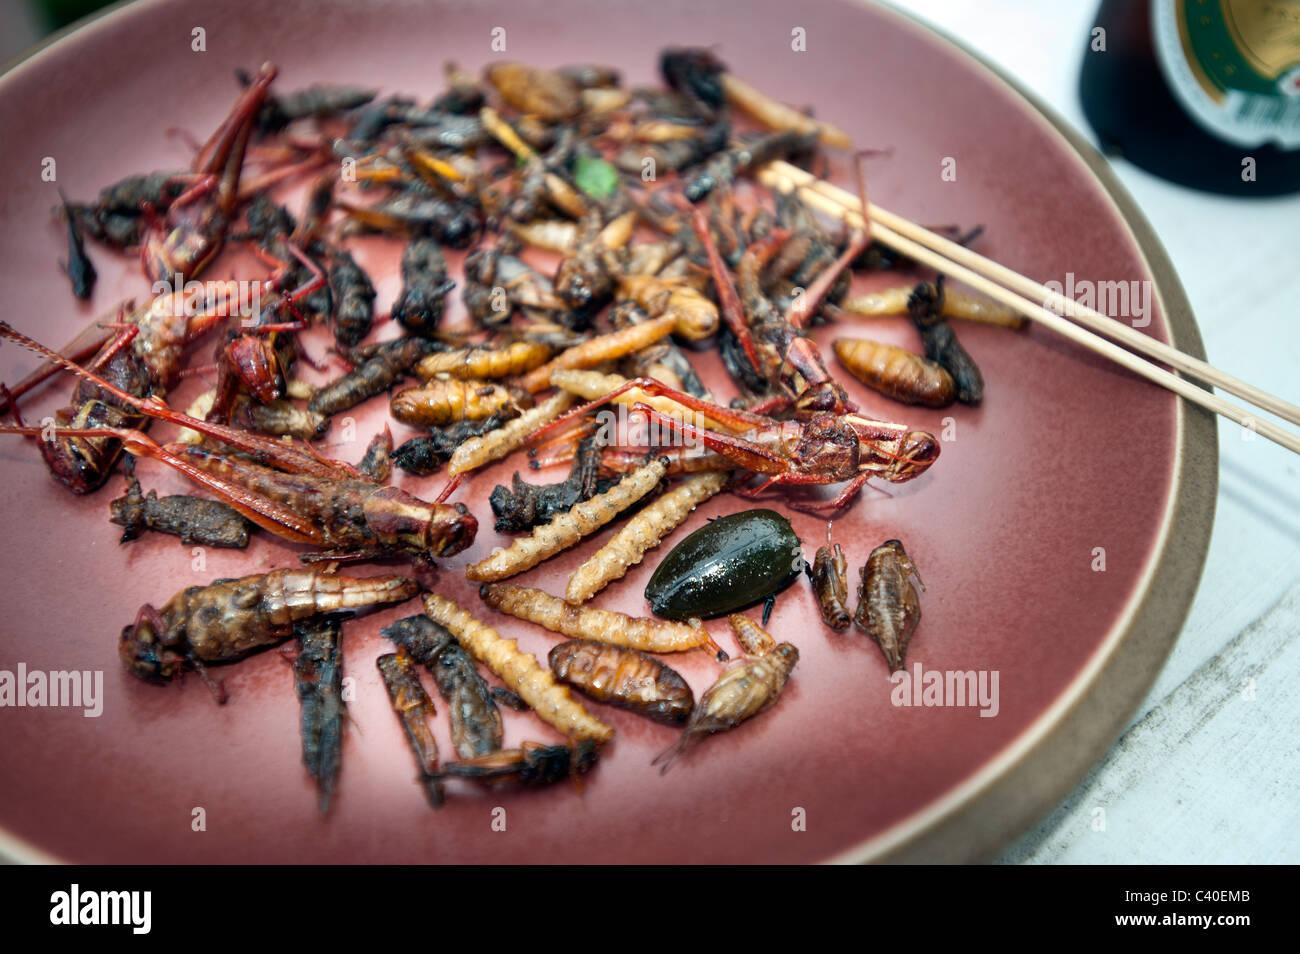 insekten essen essen gebraten auf platte thailand thai thail ndischen snack insekten leckere. Black Bedroom Furniture Sets. Home Design Ideas